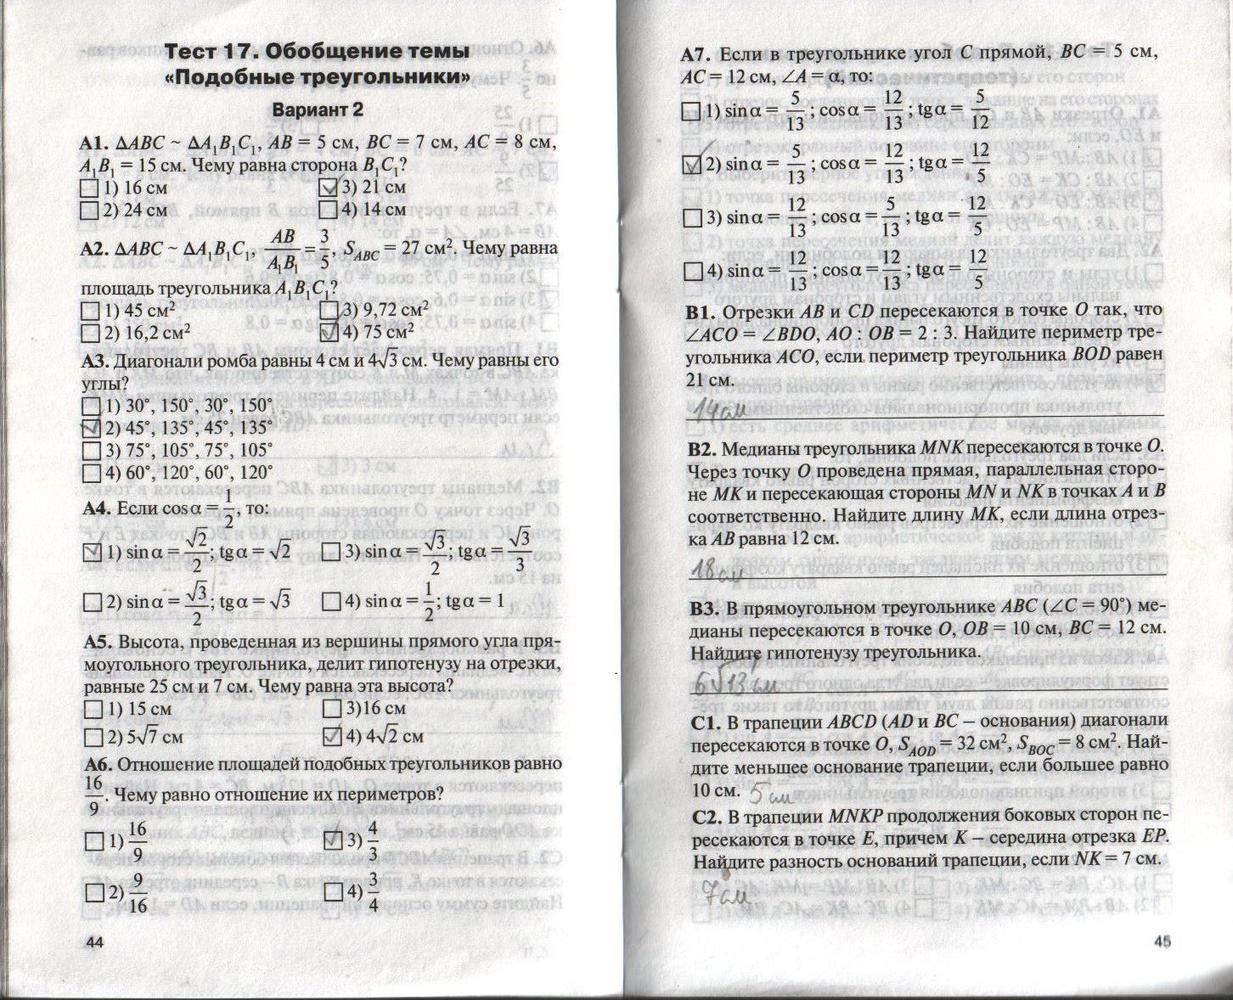 контрольно измерительные материалы геометрия 10 класс рурукин решение скачать бесплатно